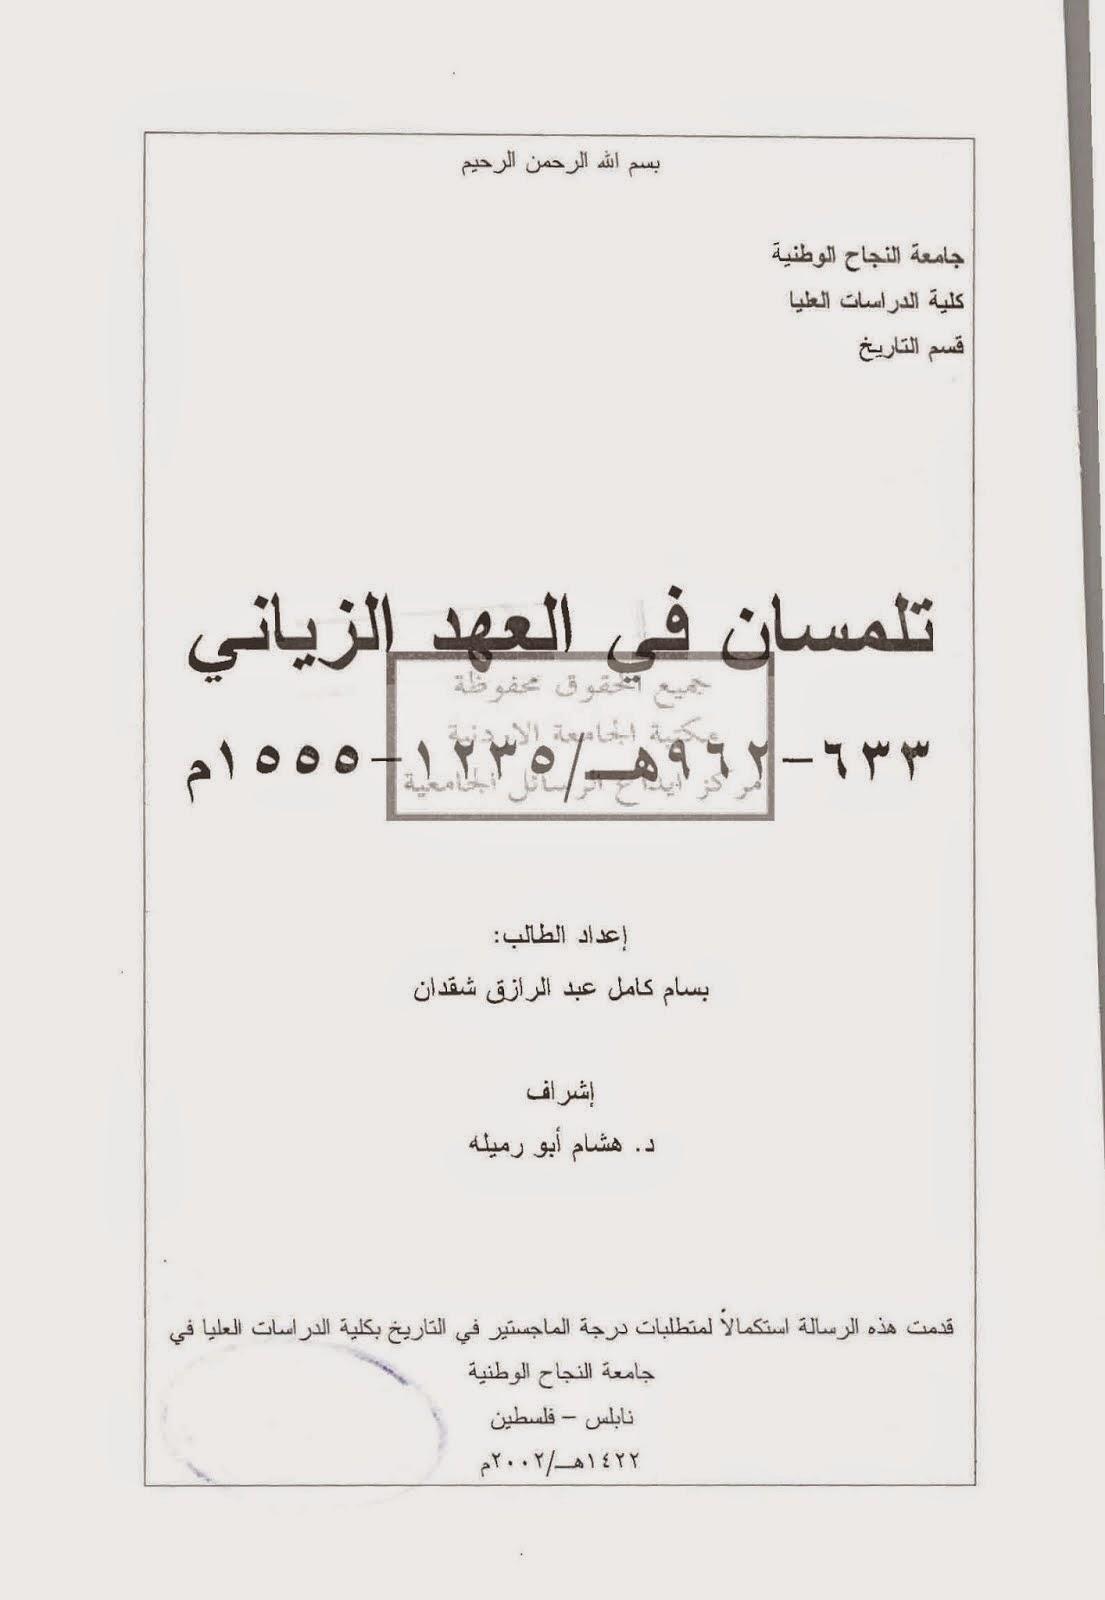 تلمسان في العهد الزياني لـ بسام كامل عبد الرزاق شقدان